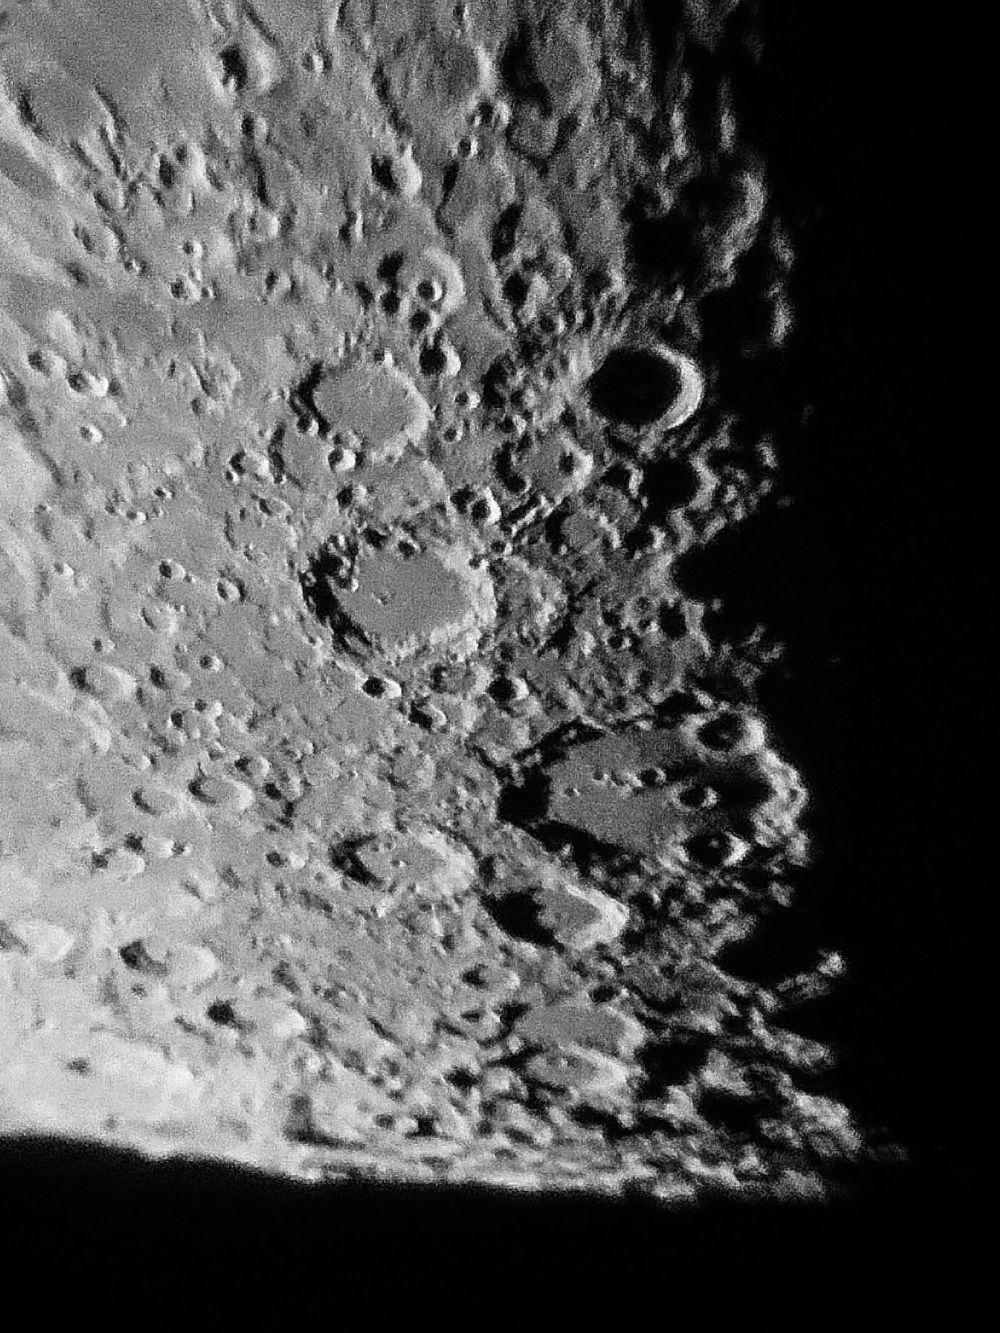 Лунные кратеры 10.10.2020 (3)